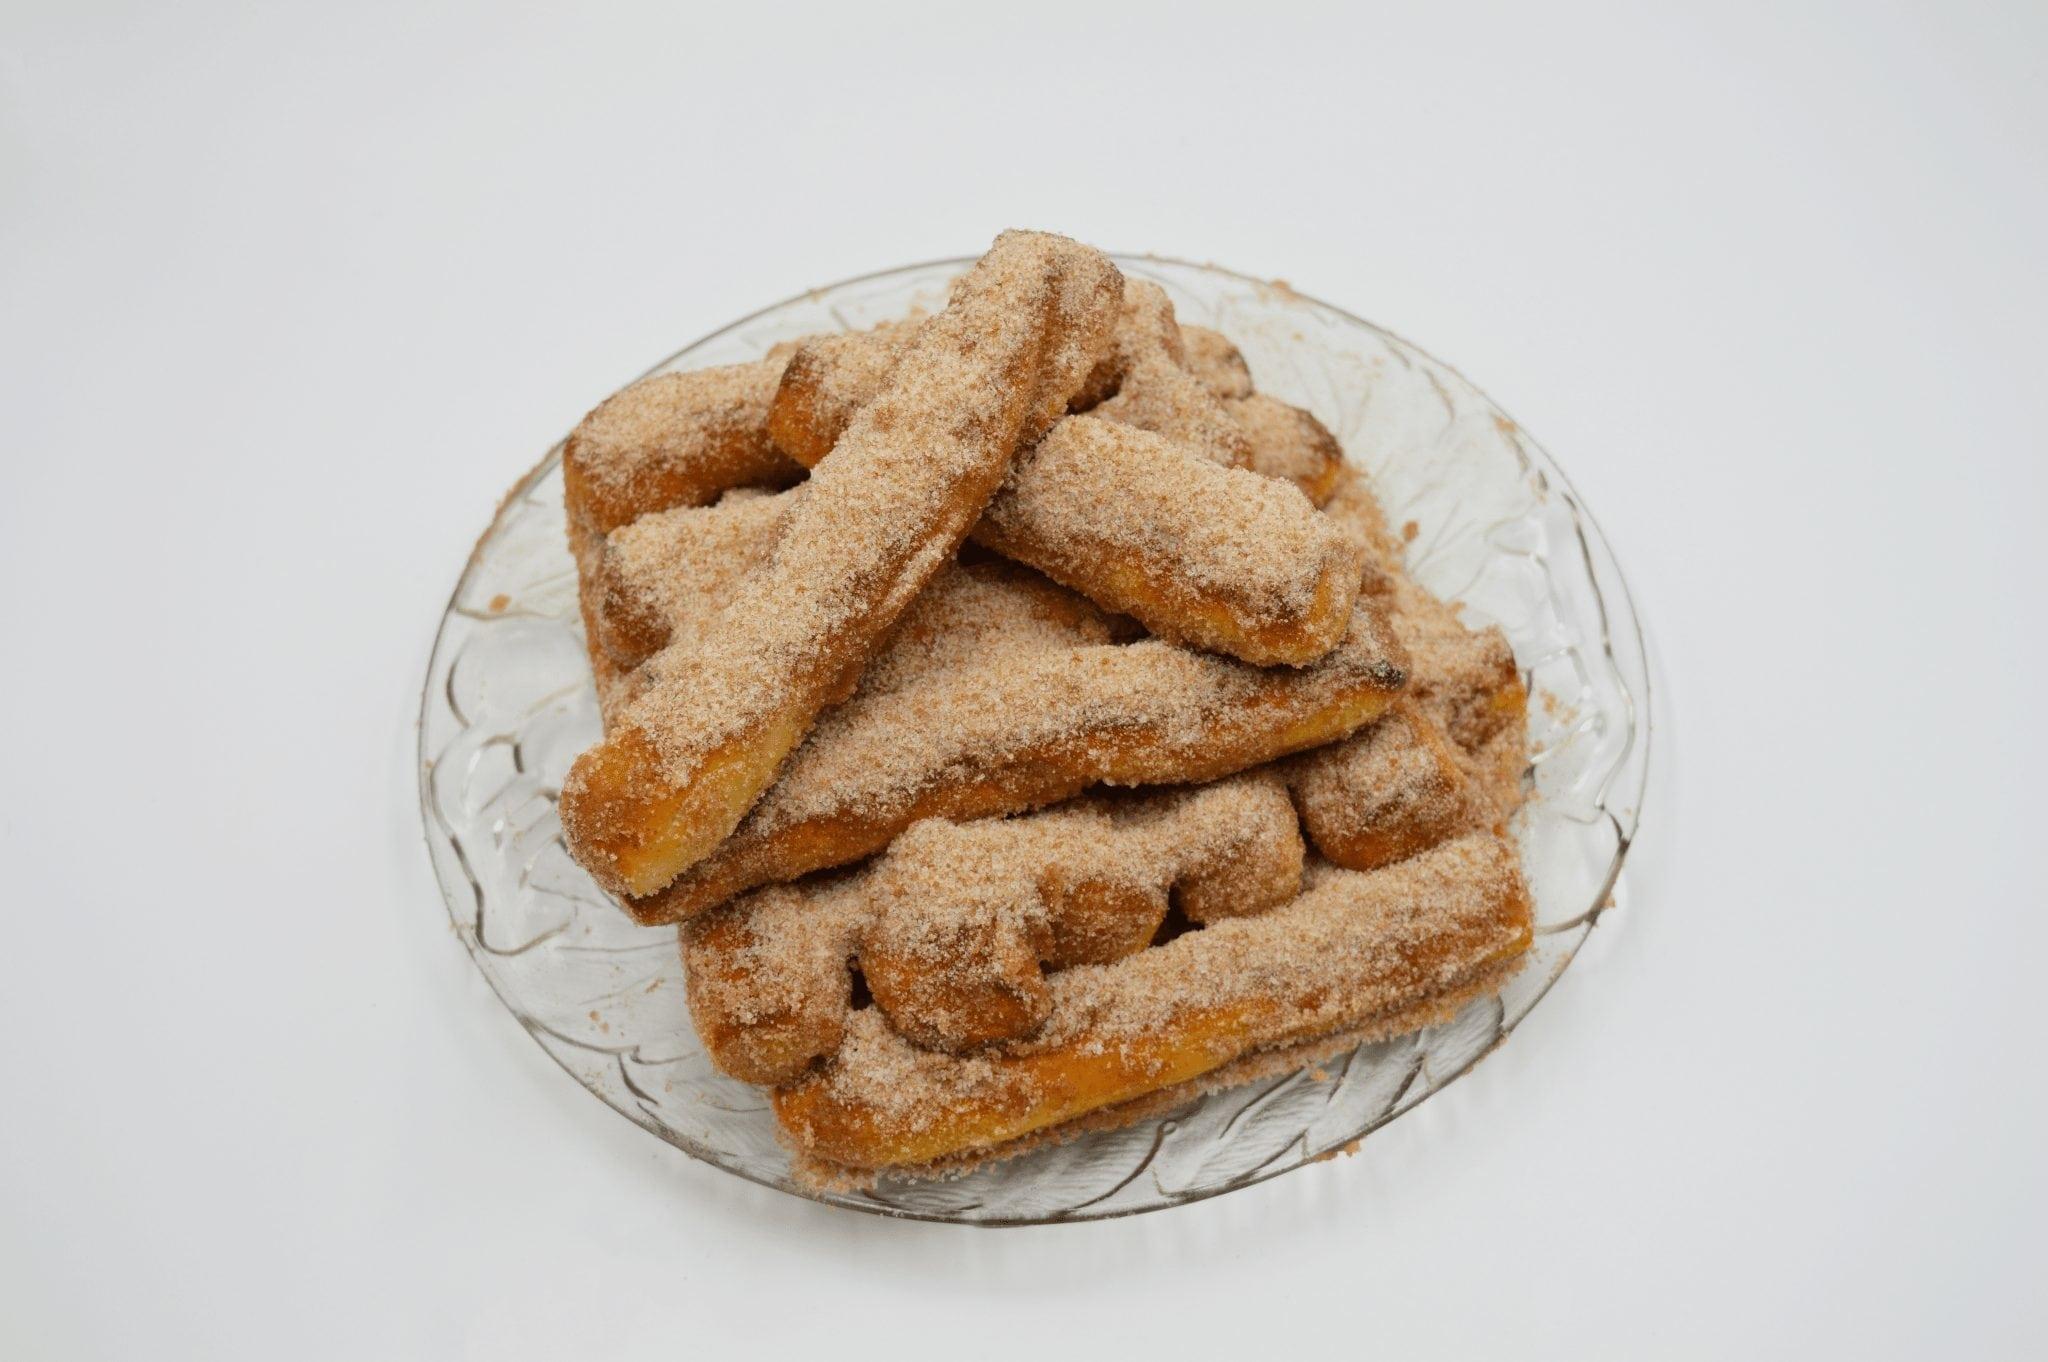 cinnamon pretzel sticks